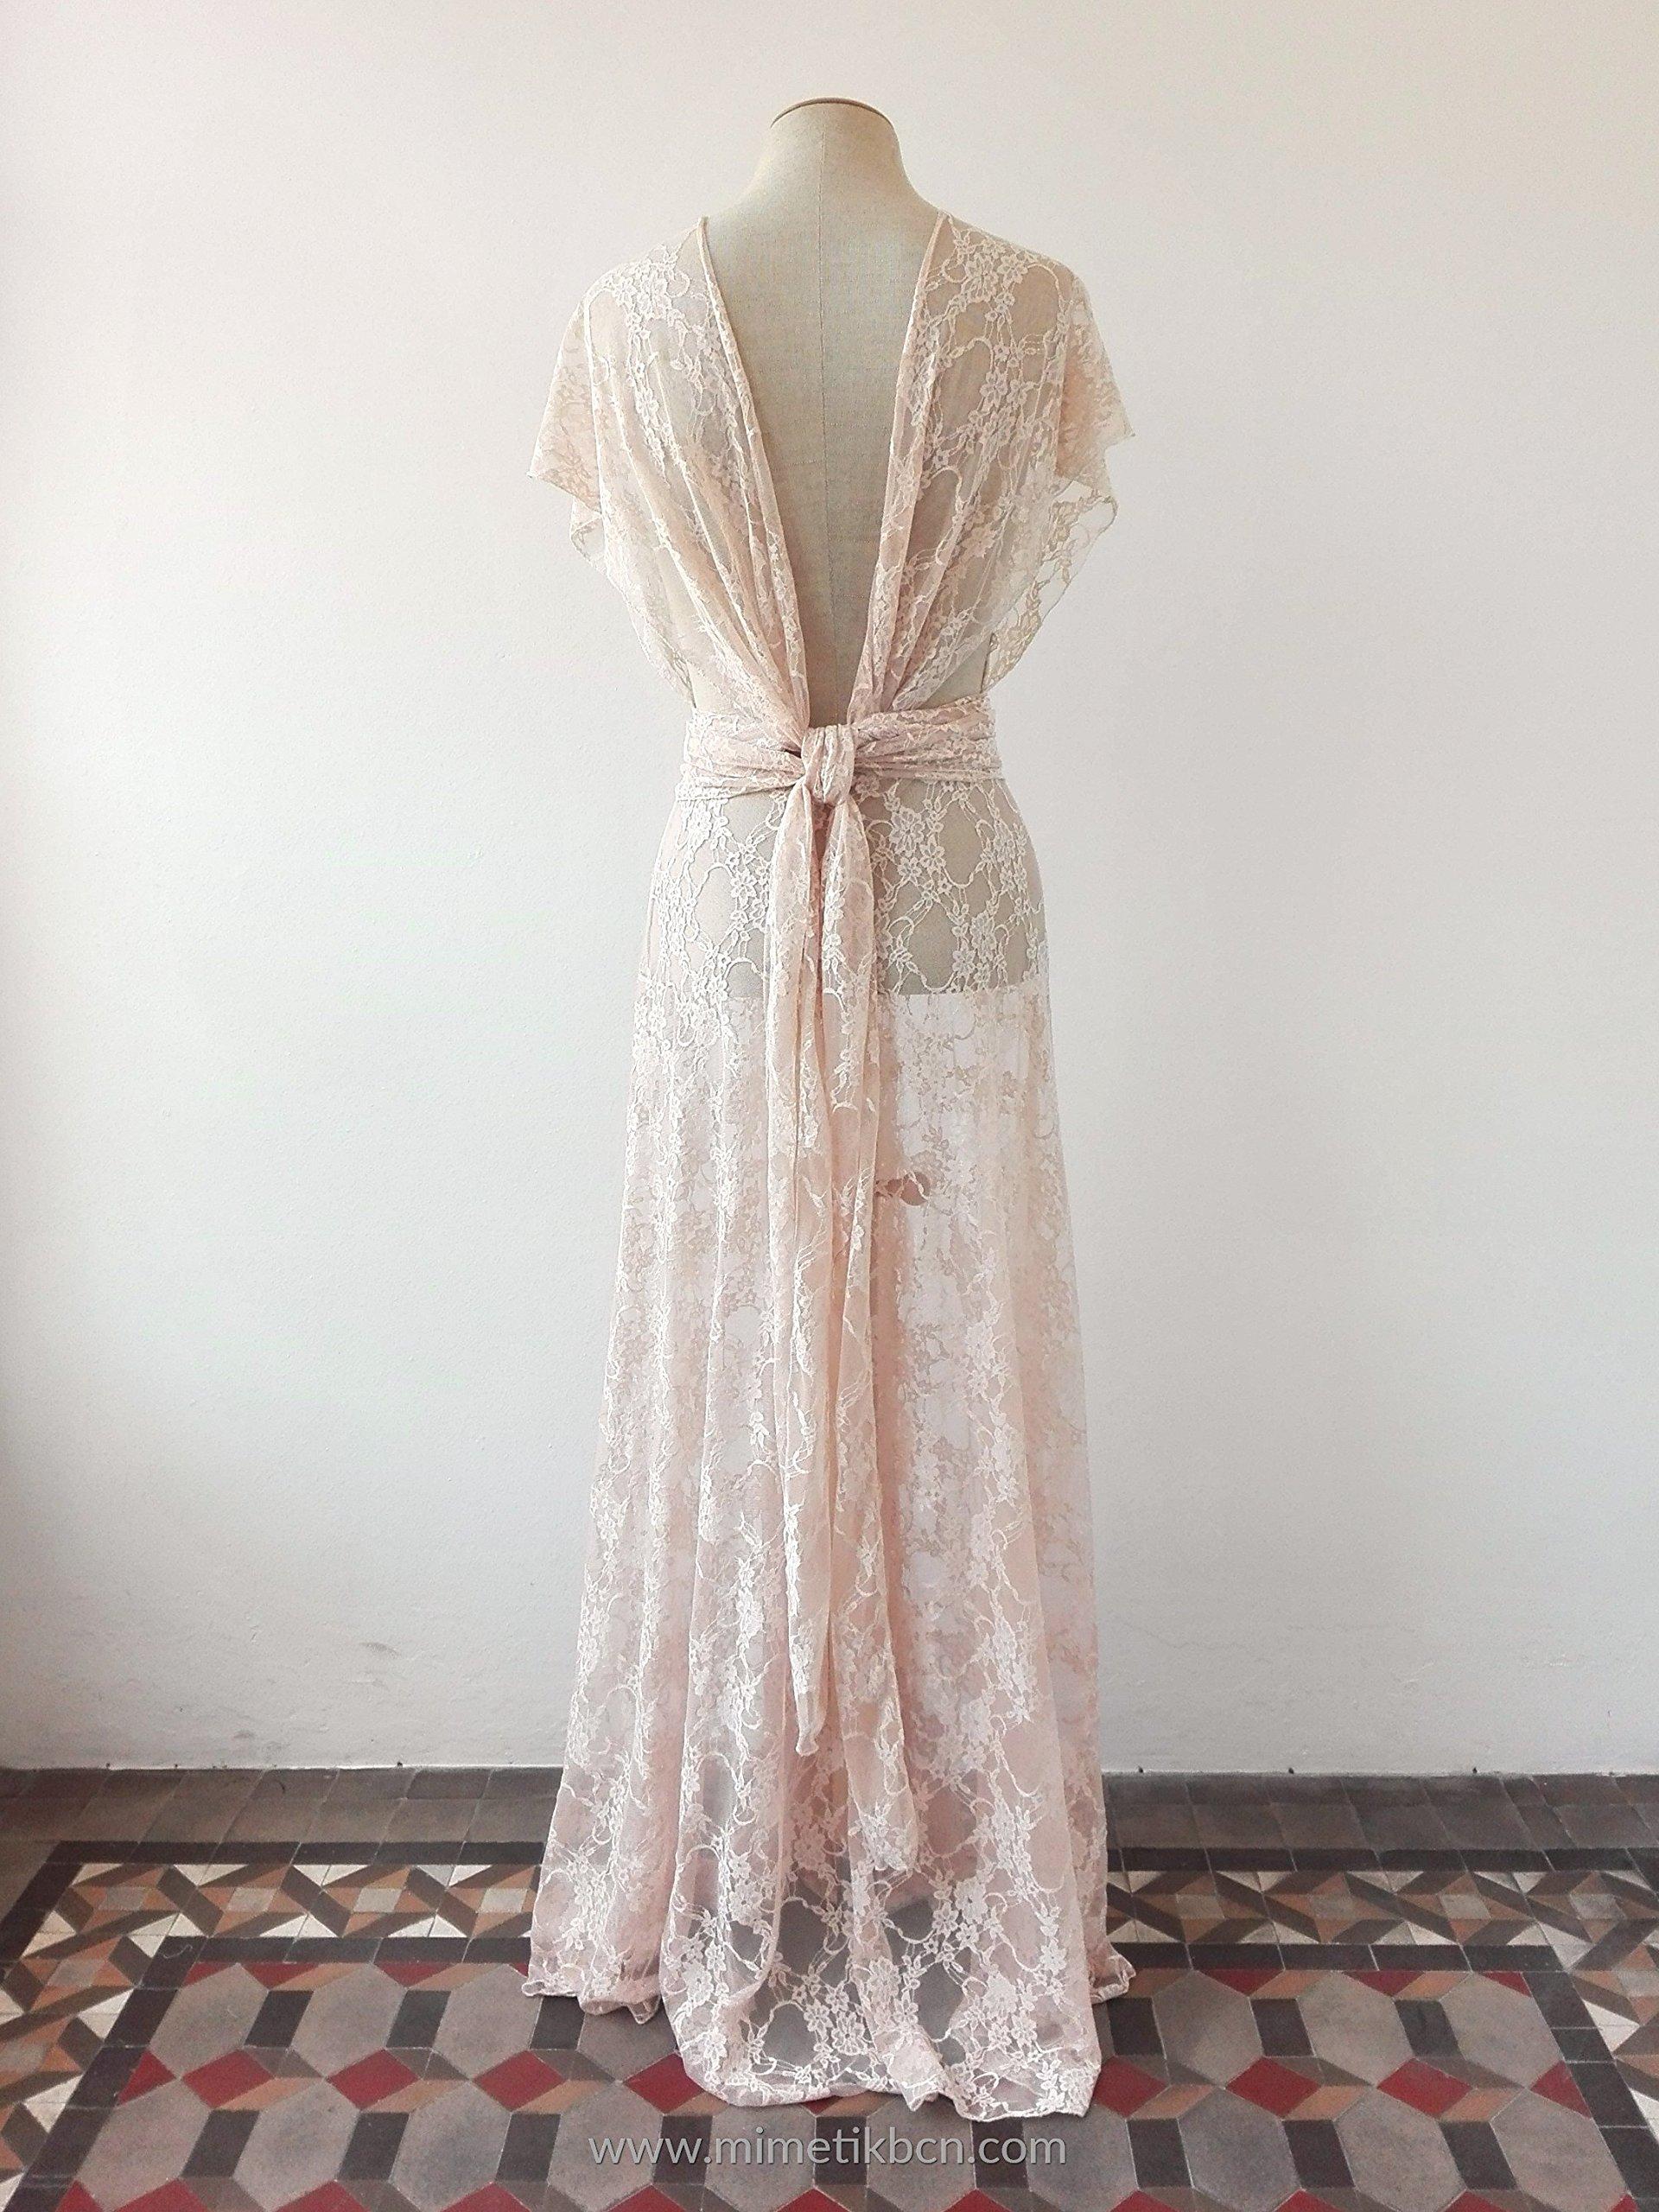 Bohemian separates, lace cover wedding dress, rose quartz lace dress, unlined lace dress, bridal separates, lace overdress wedding, lace dress